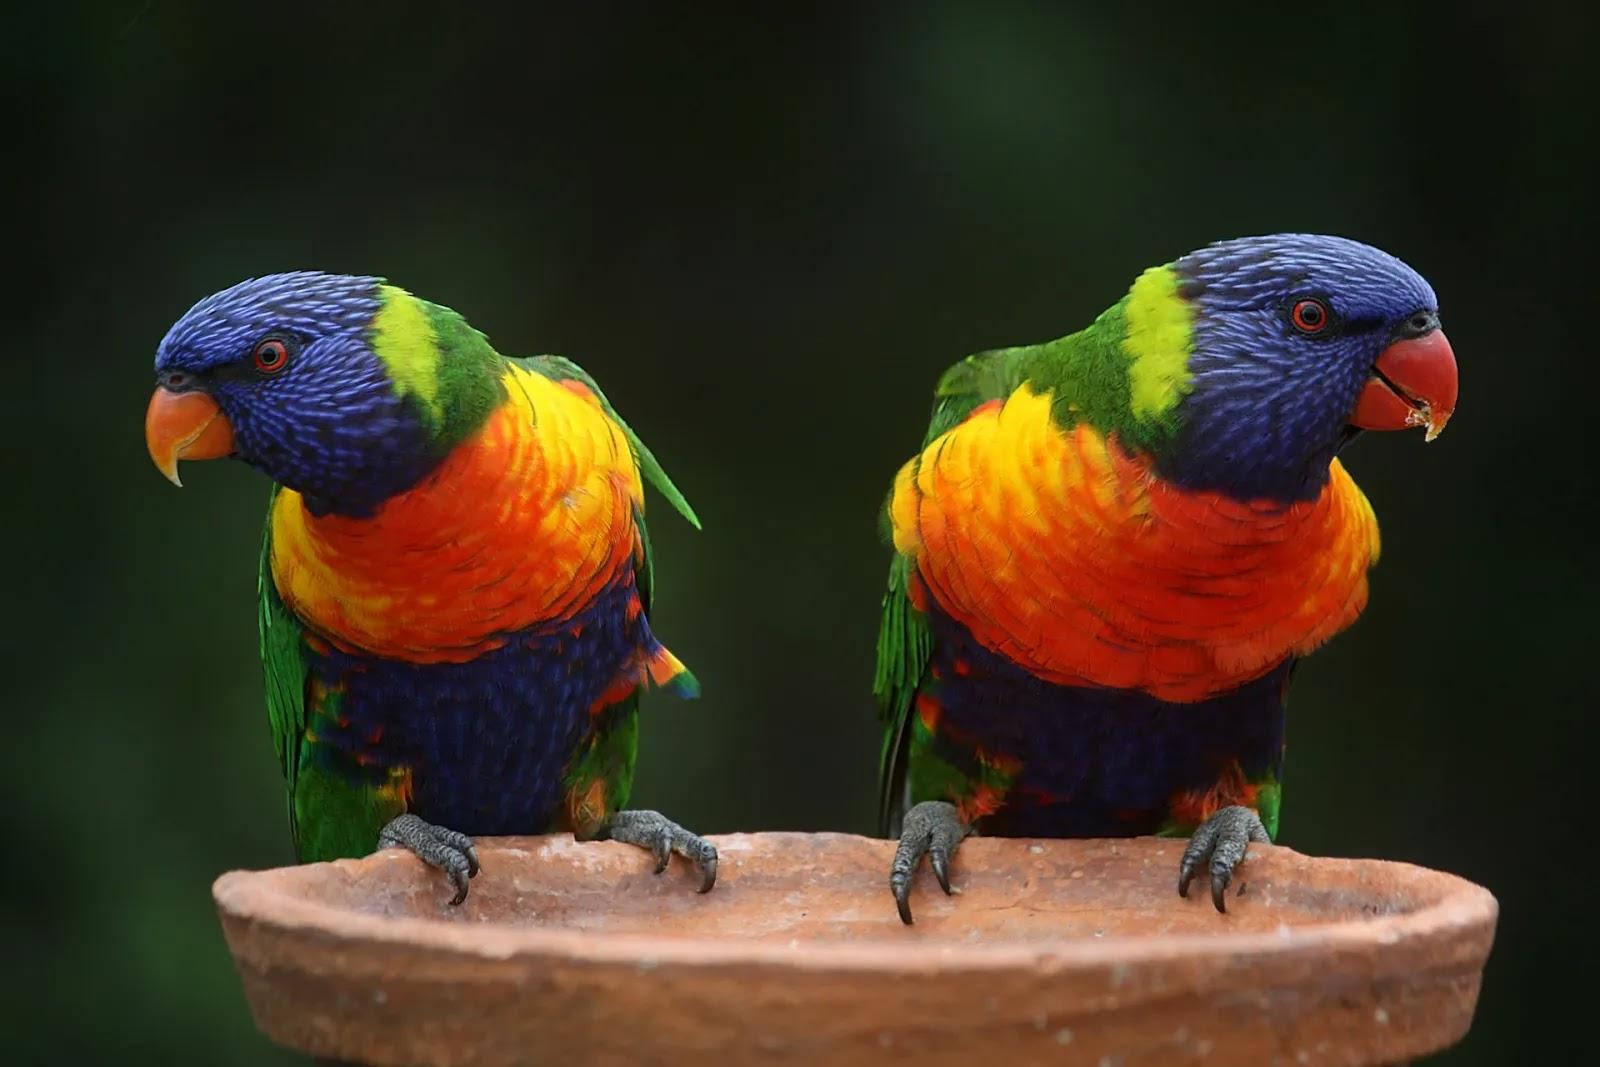 صور خلفيات حيوانات جميلة